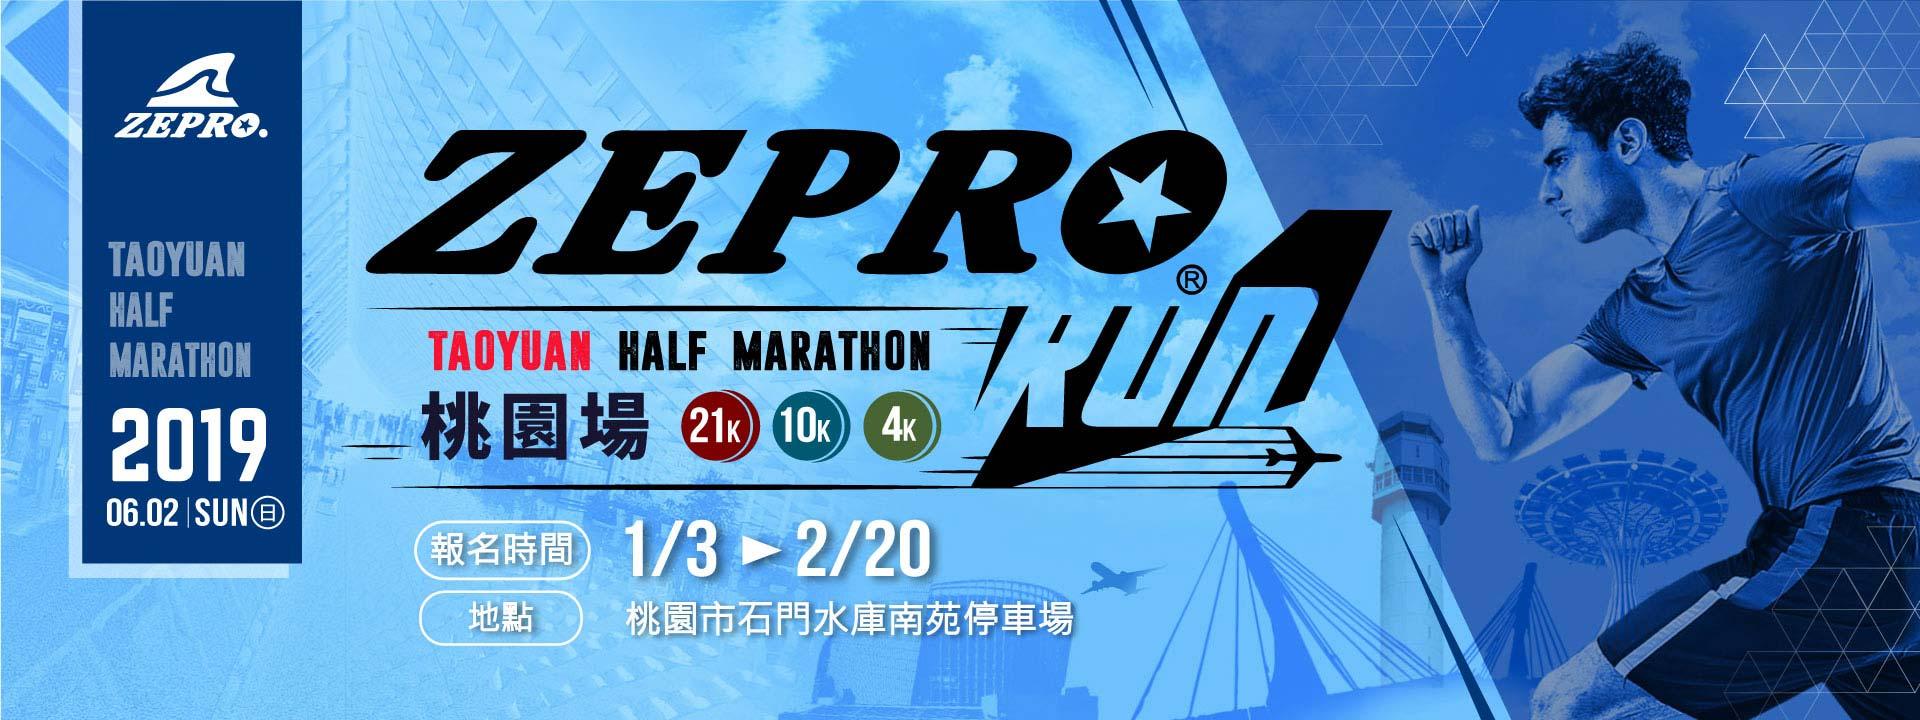 2019 桃園 ZEPRO RUN 全國半程馬拉松